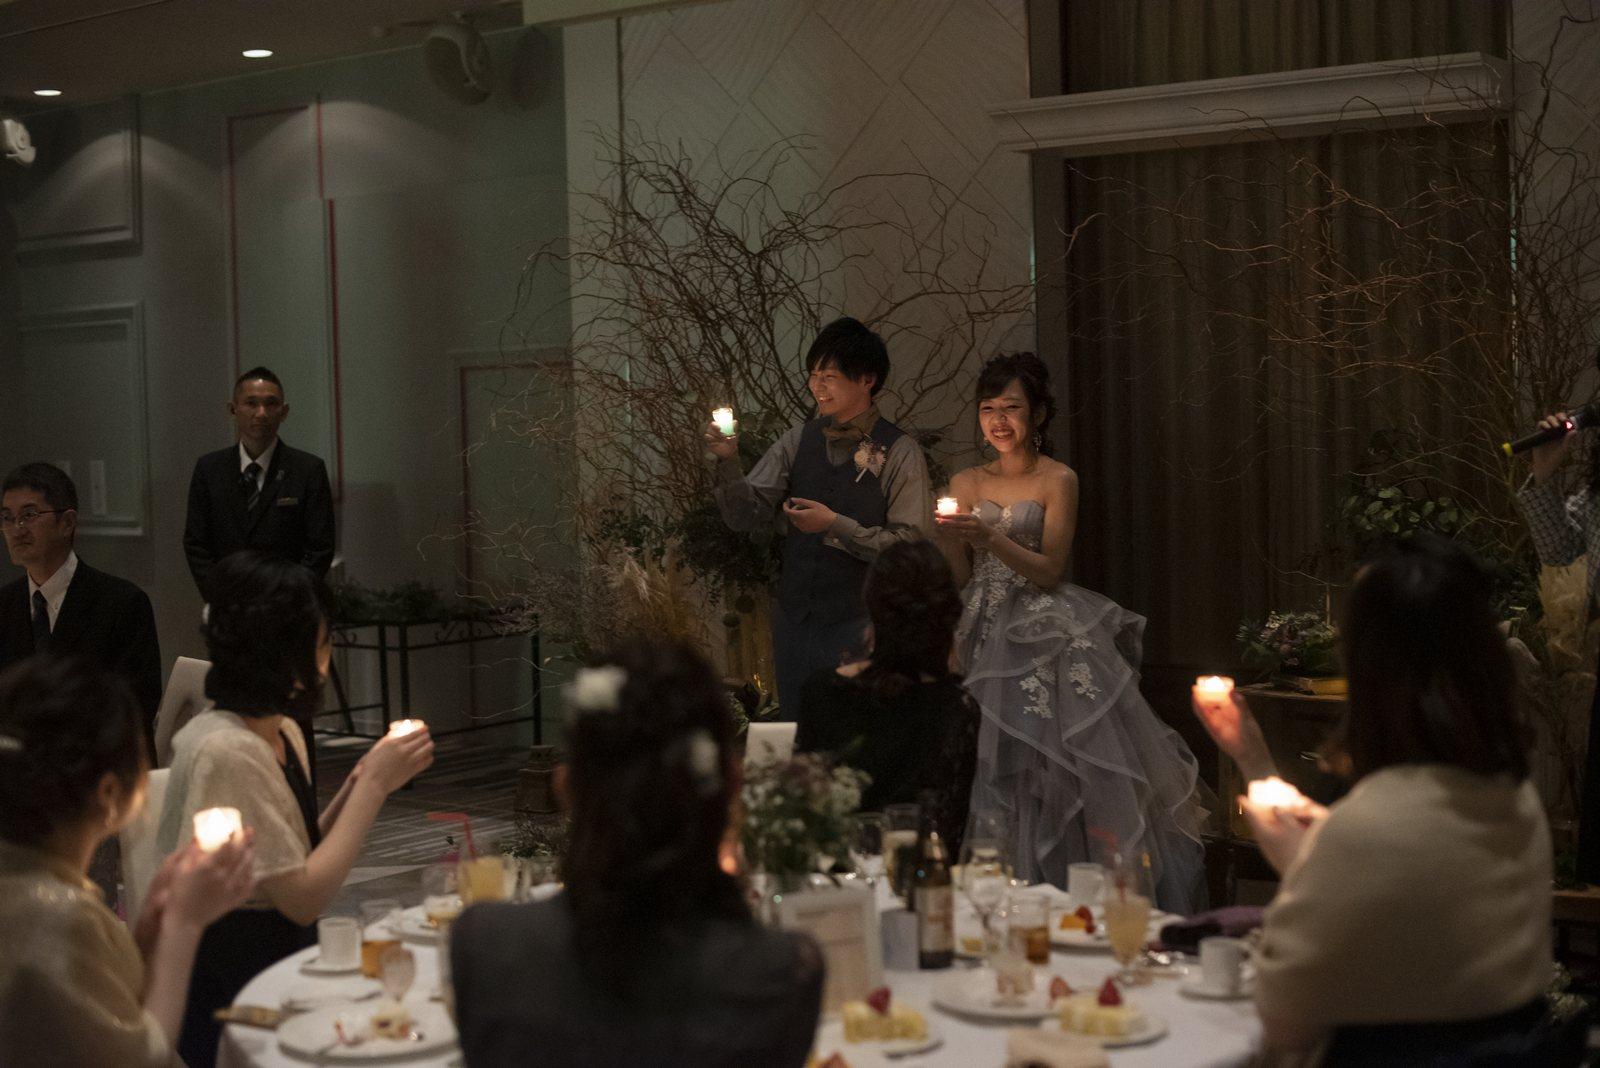 徳島市の結婚式場ブランアンジュでゲストと同じ火を灯すキャンドルセレモニー